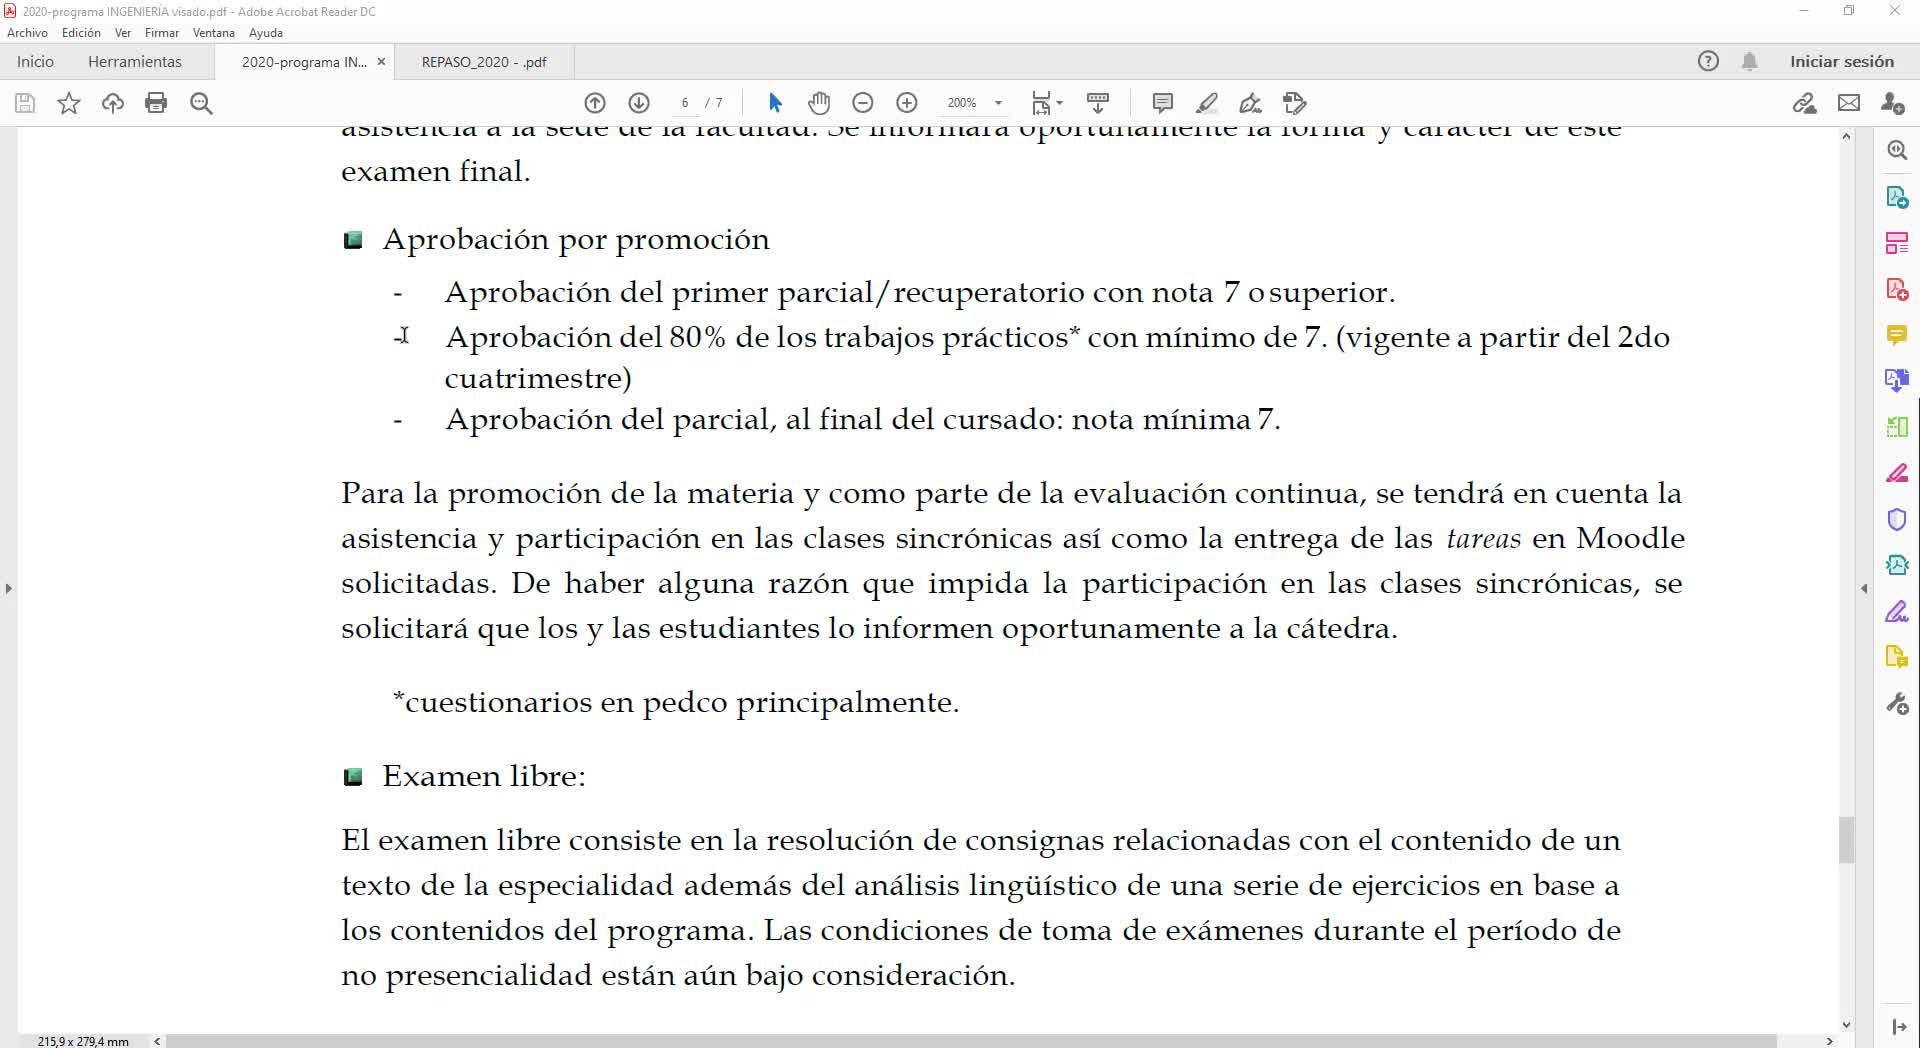 Inglés- Encuentro virtual (Turno Tarde) 2 de septiembre